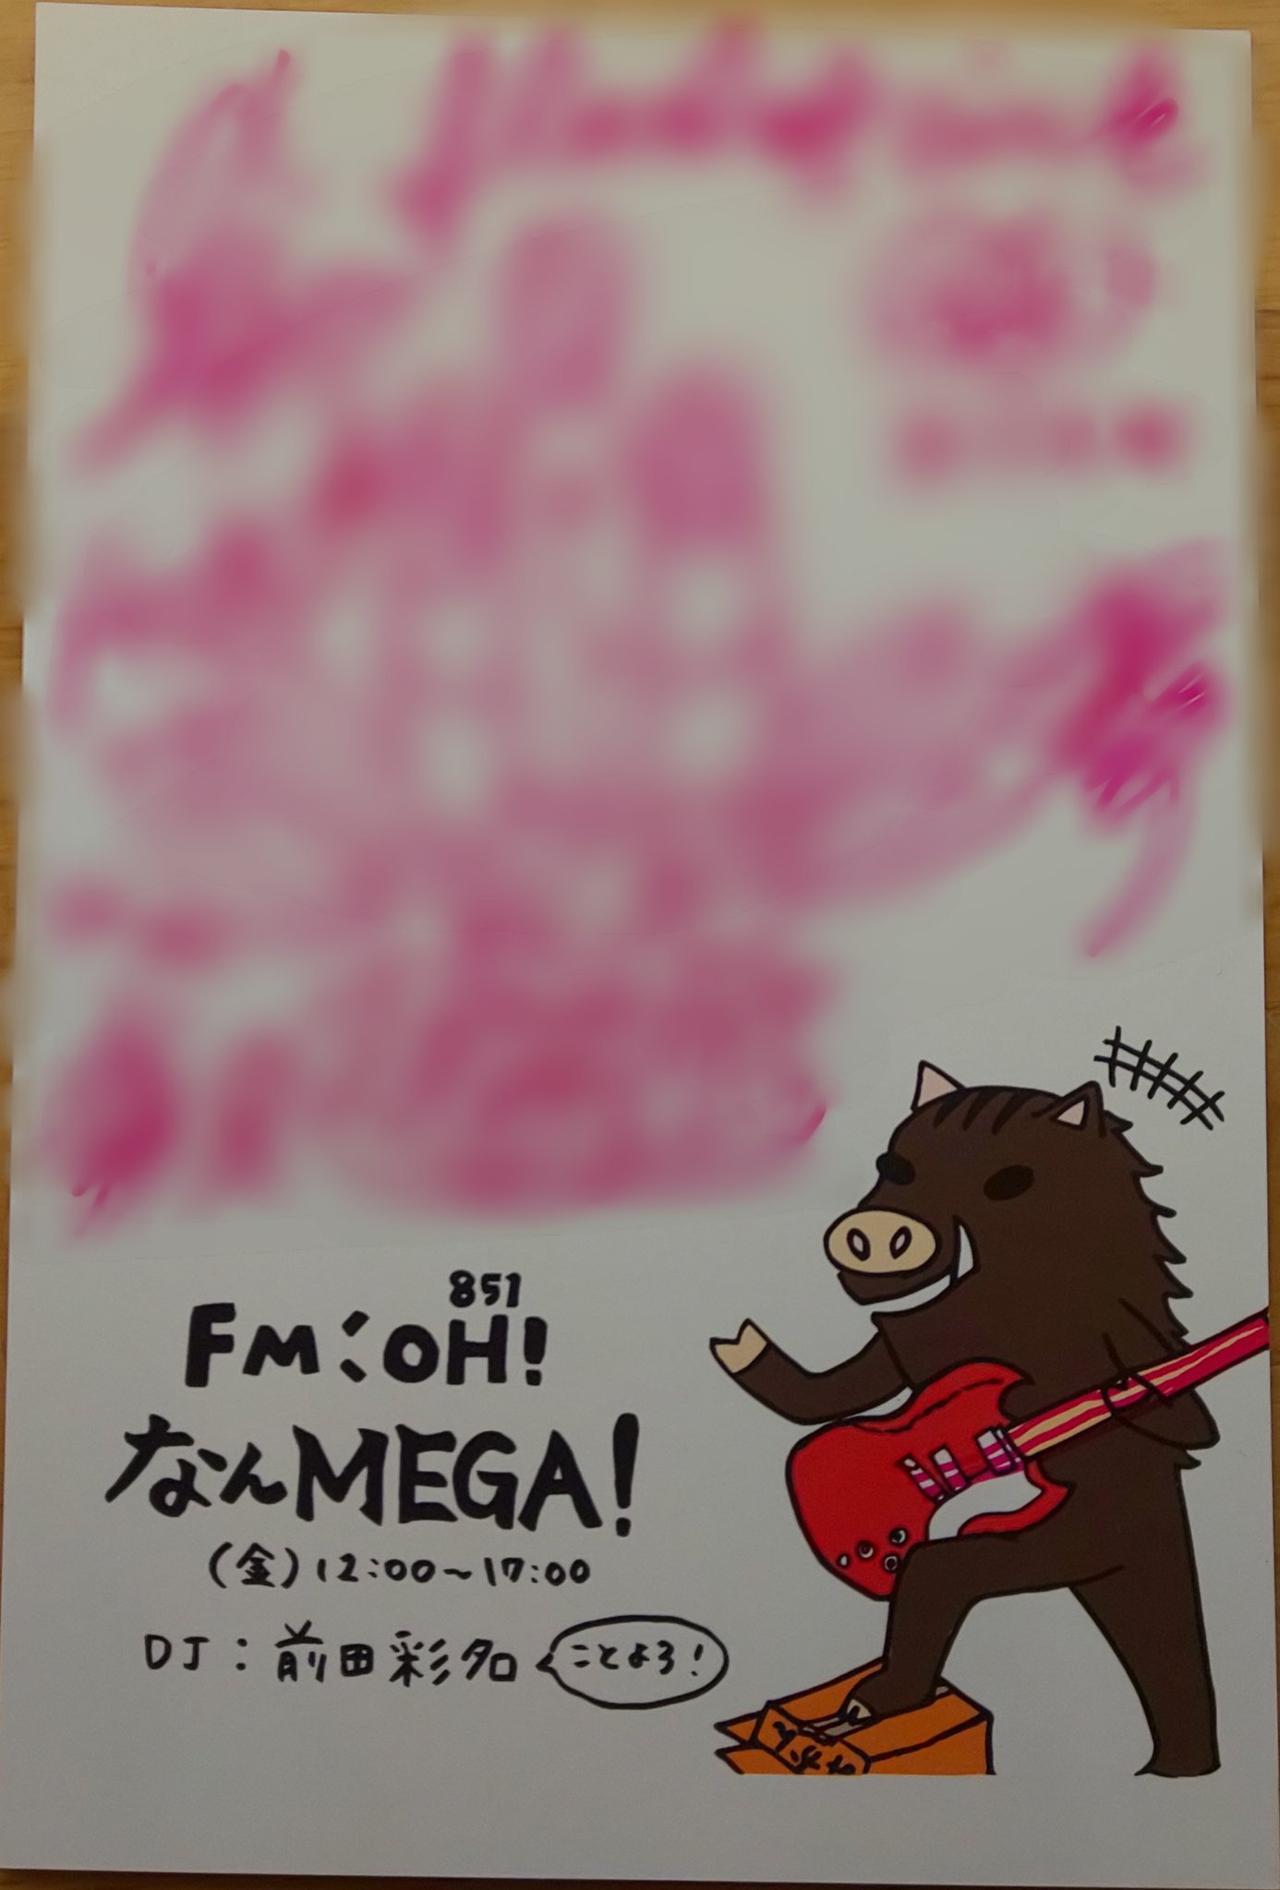 画像3: FM OH! なんMEGA! on Twitter twitter.com